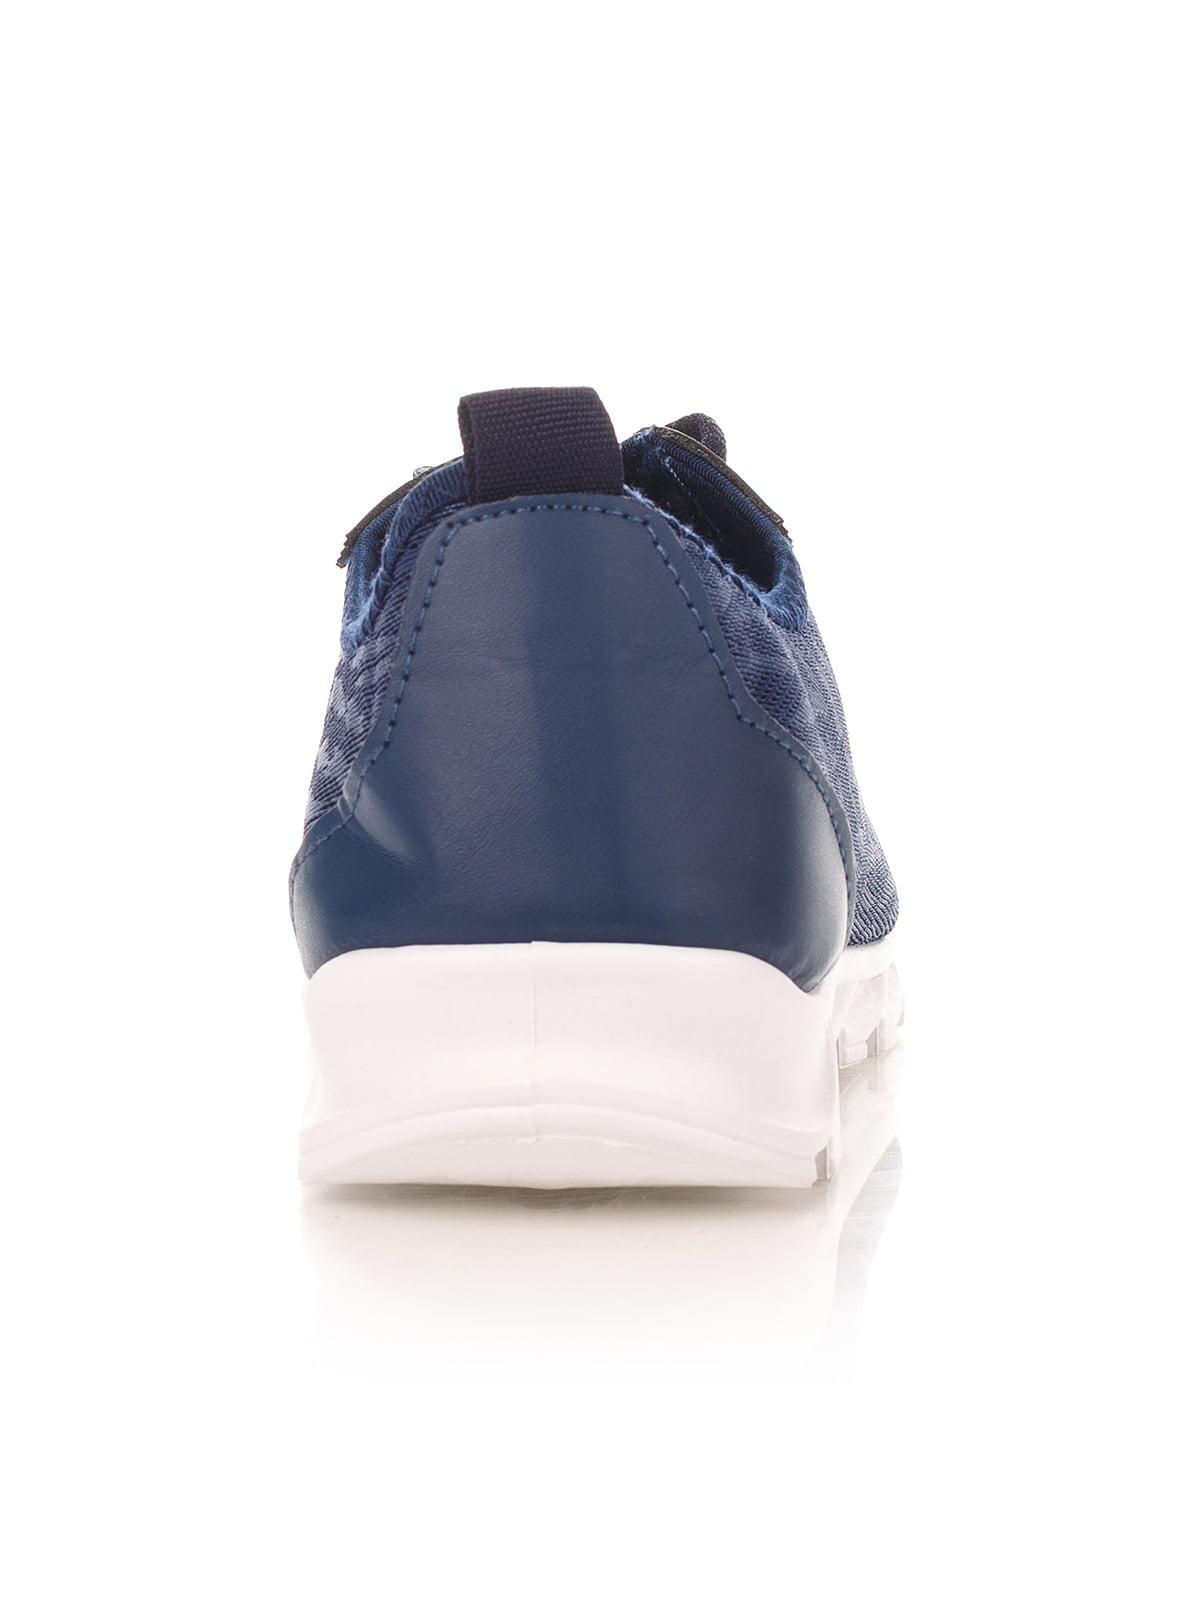 Кроссовки синие | 4341134 | фото 3